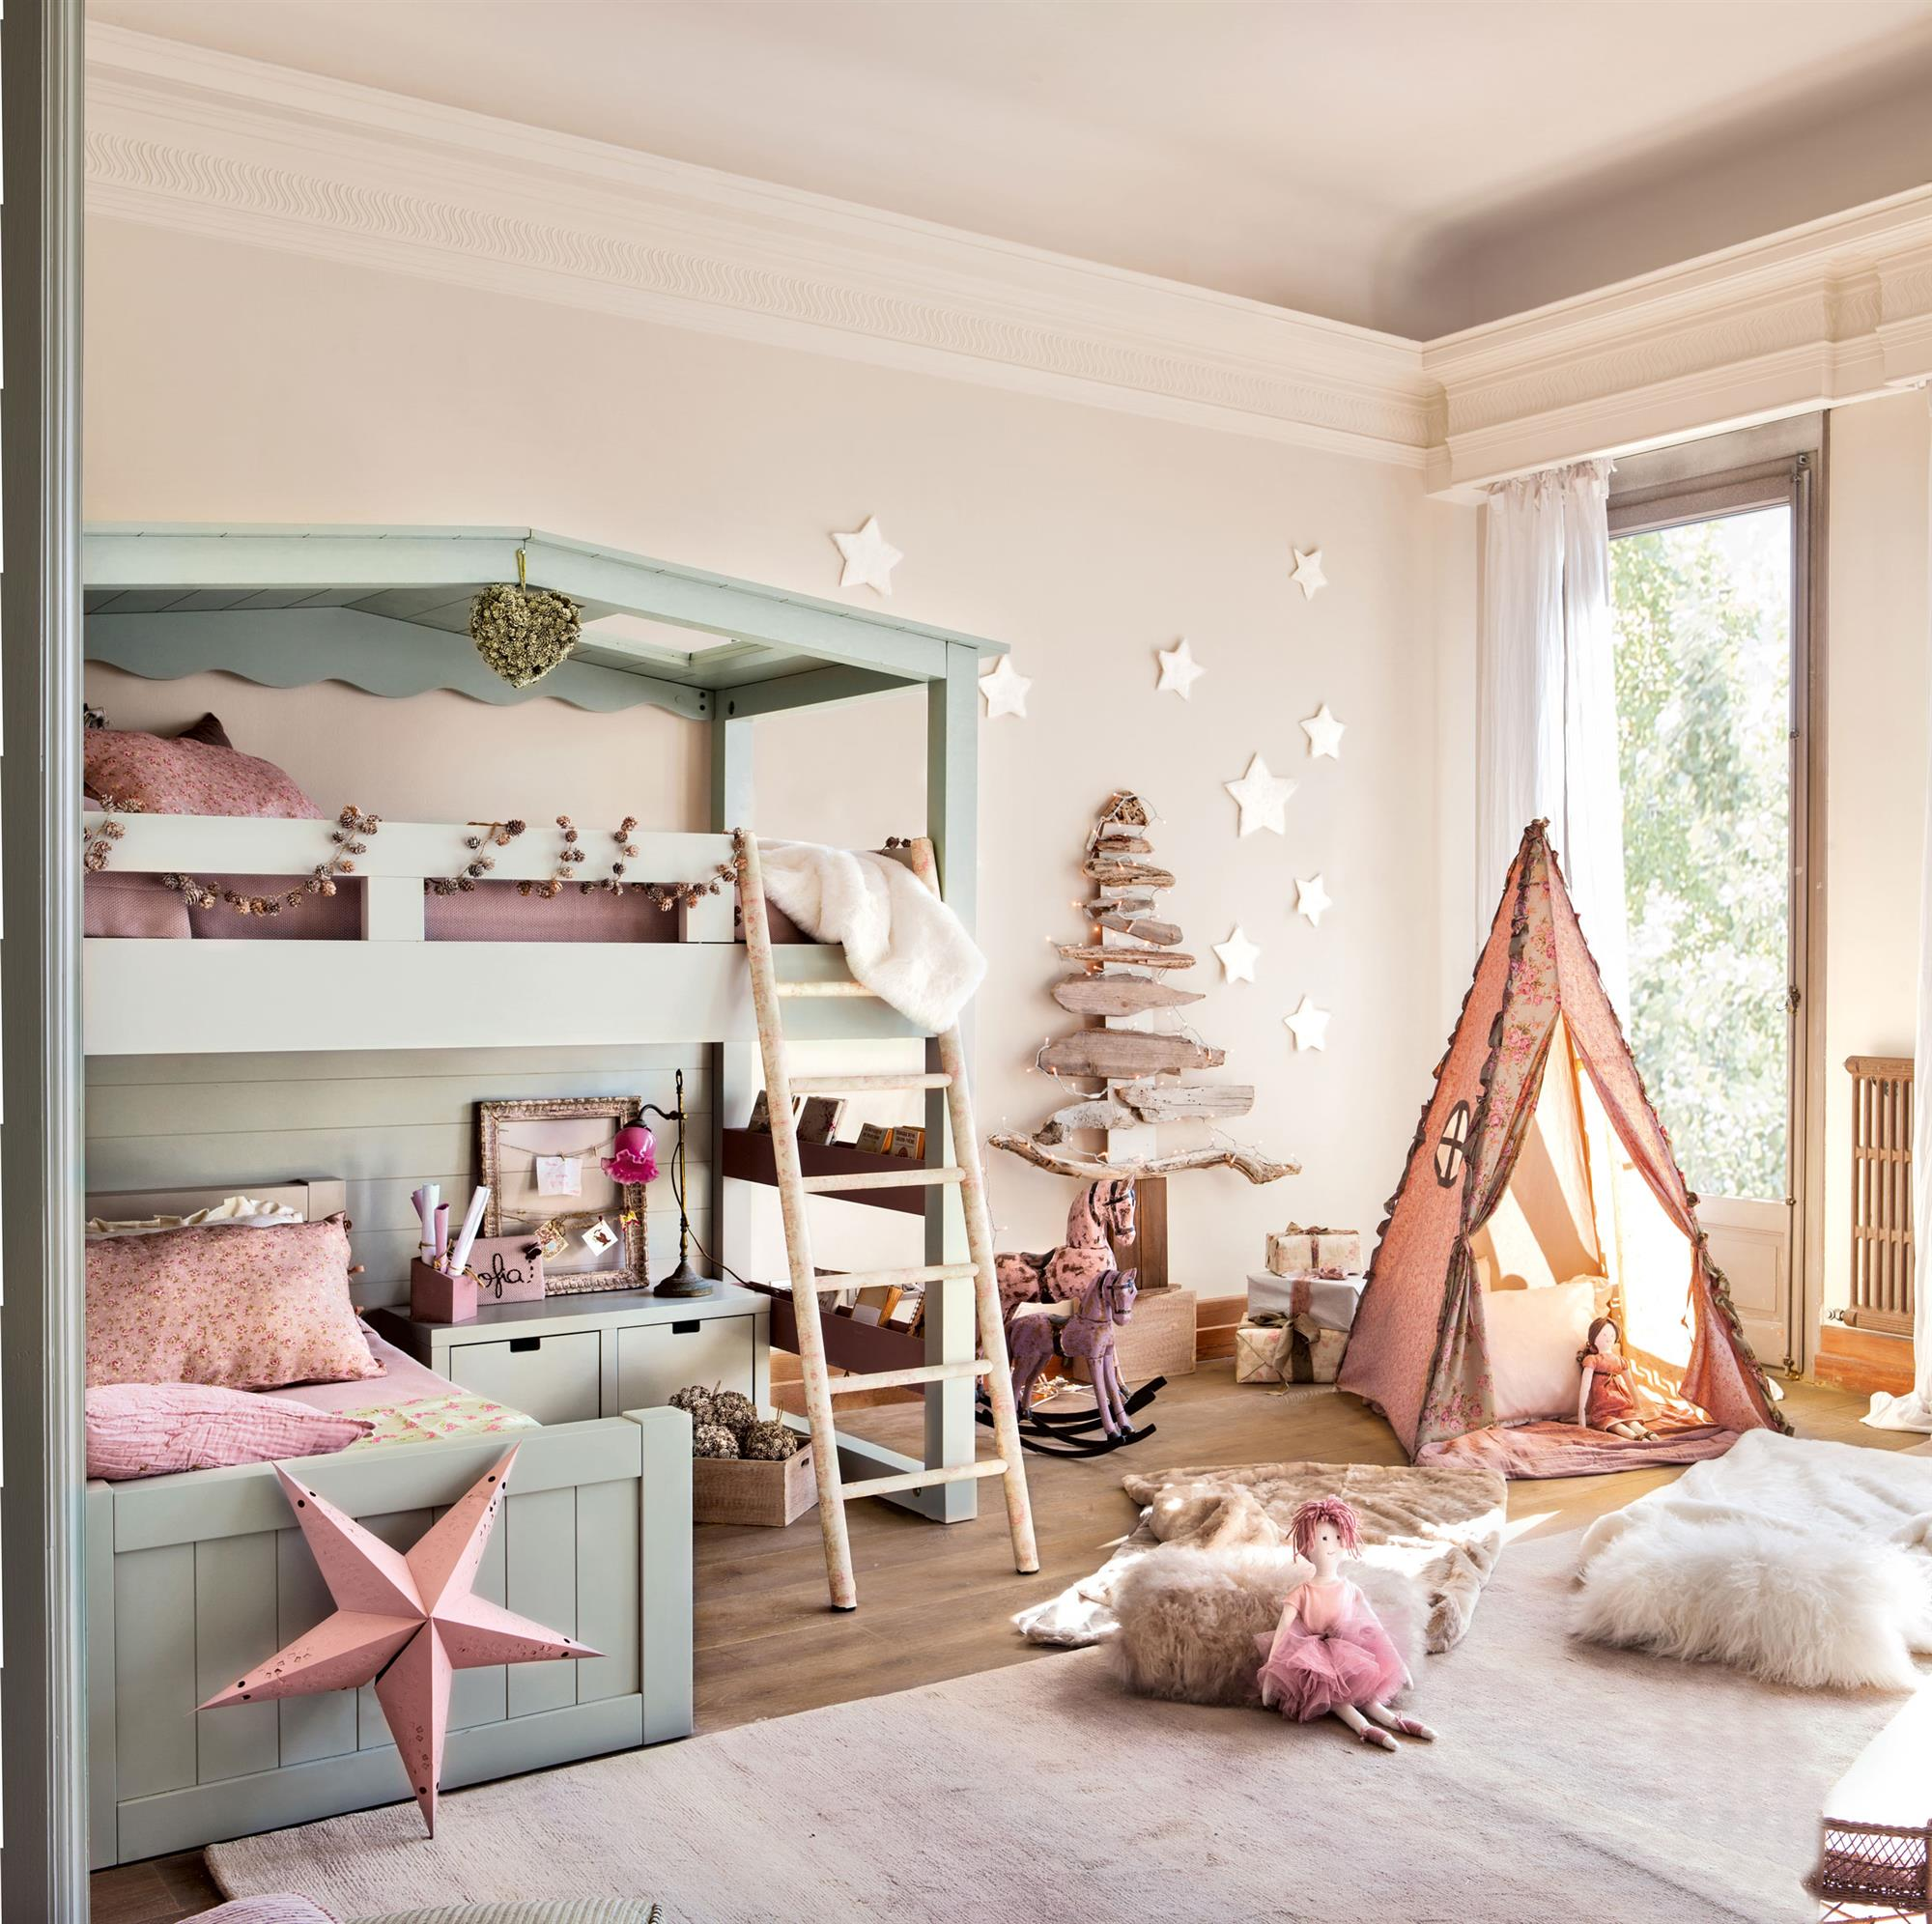 Las 50 mejores habitaciones infantiles y juveniles de el - Habitaciones infantiles decoradas ...